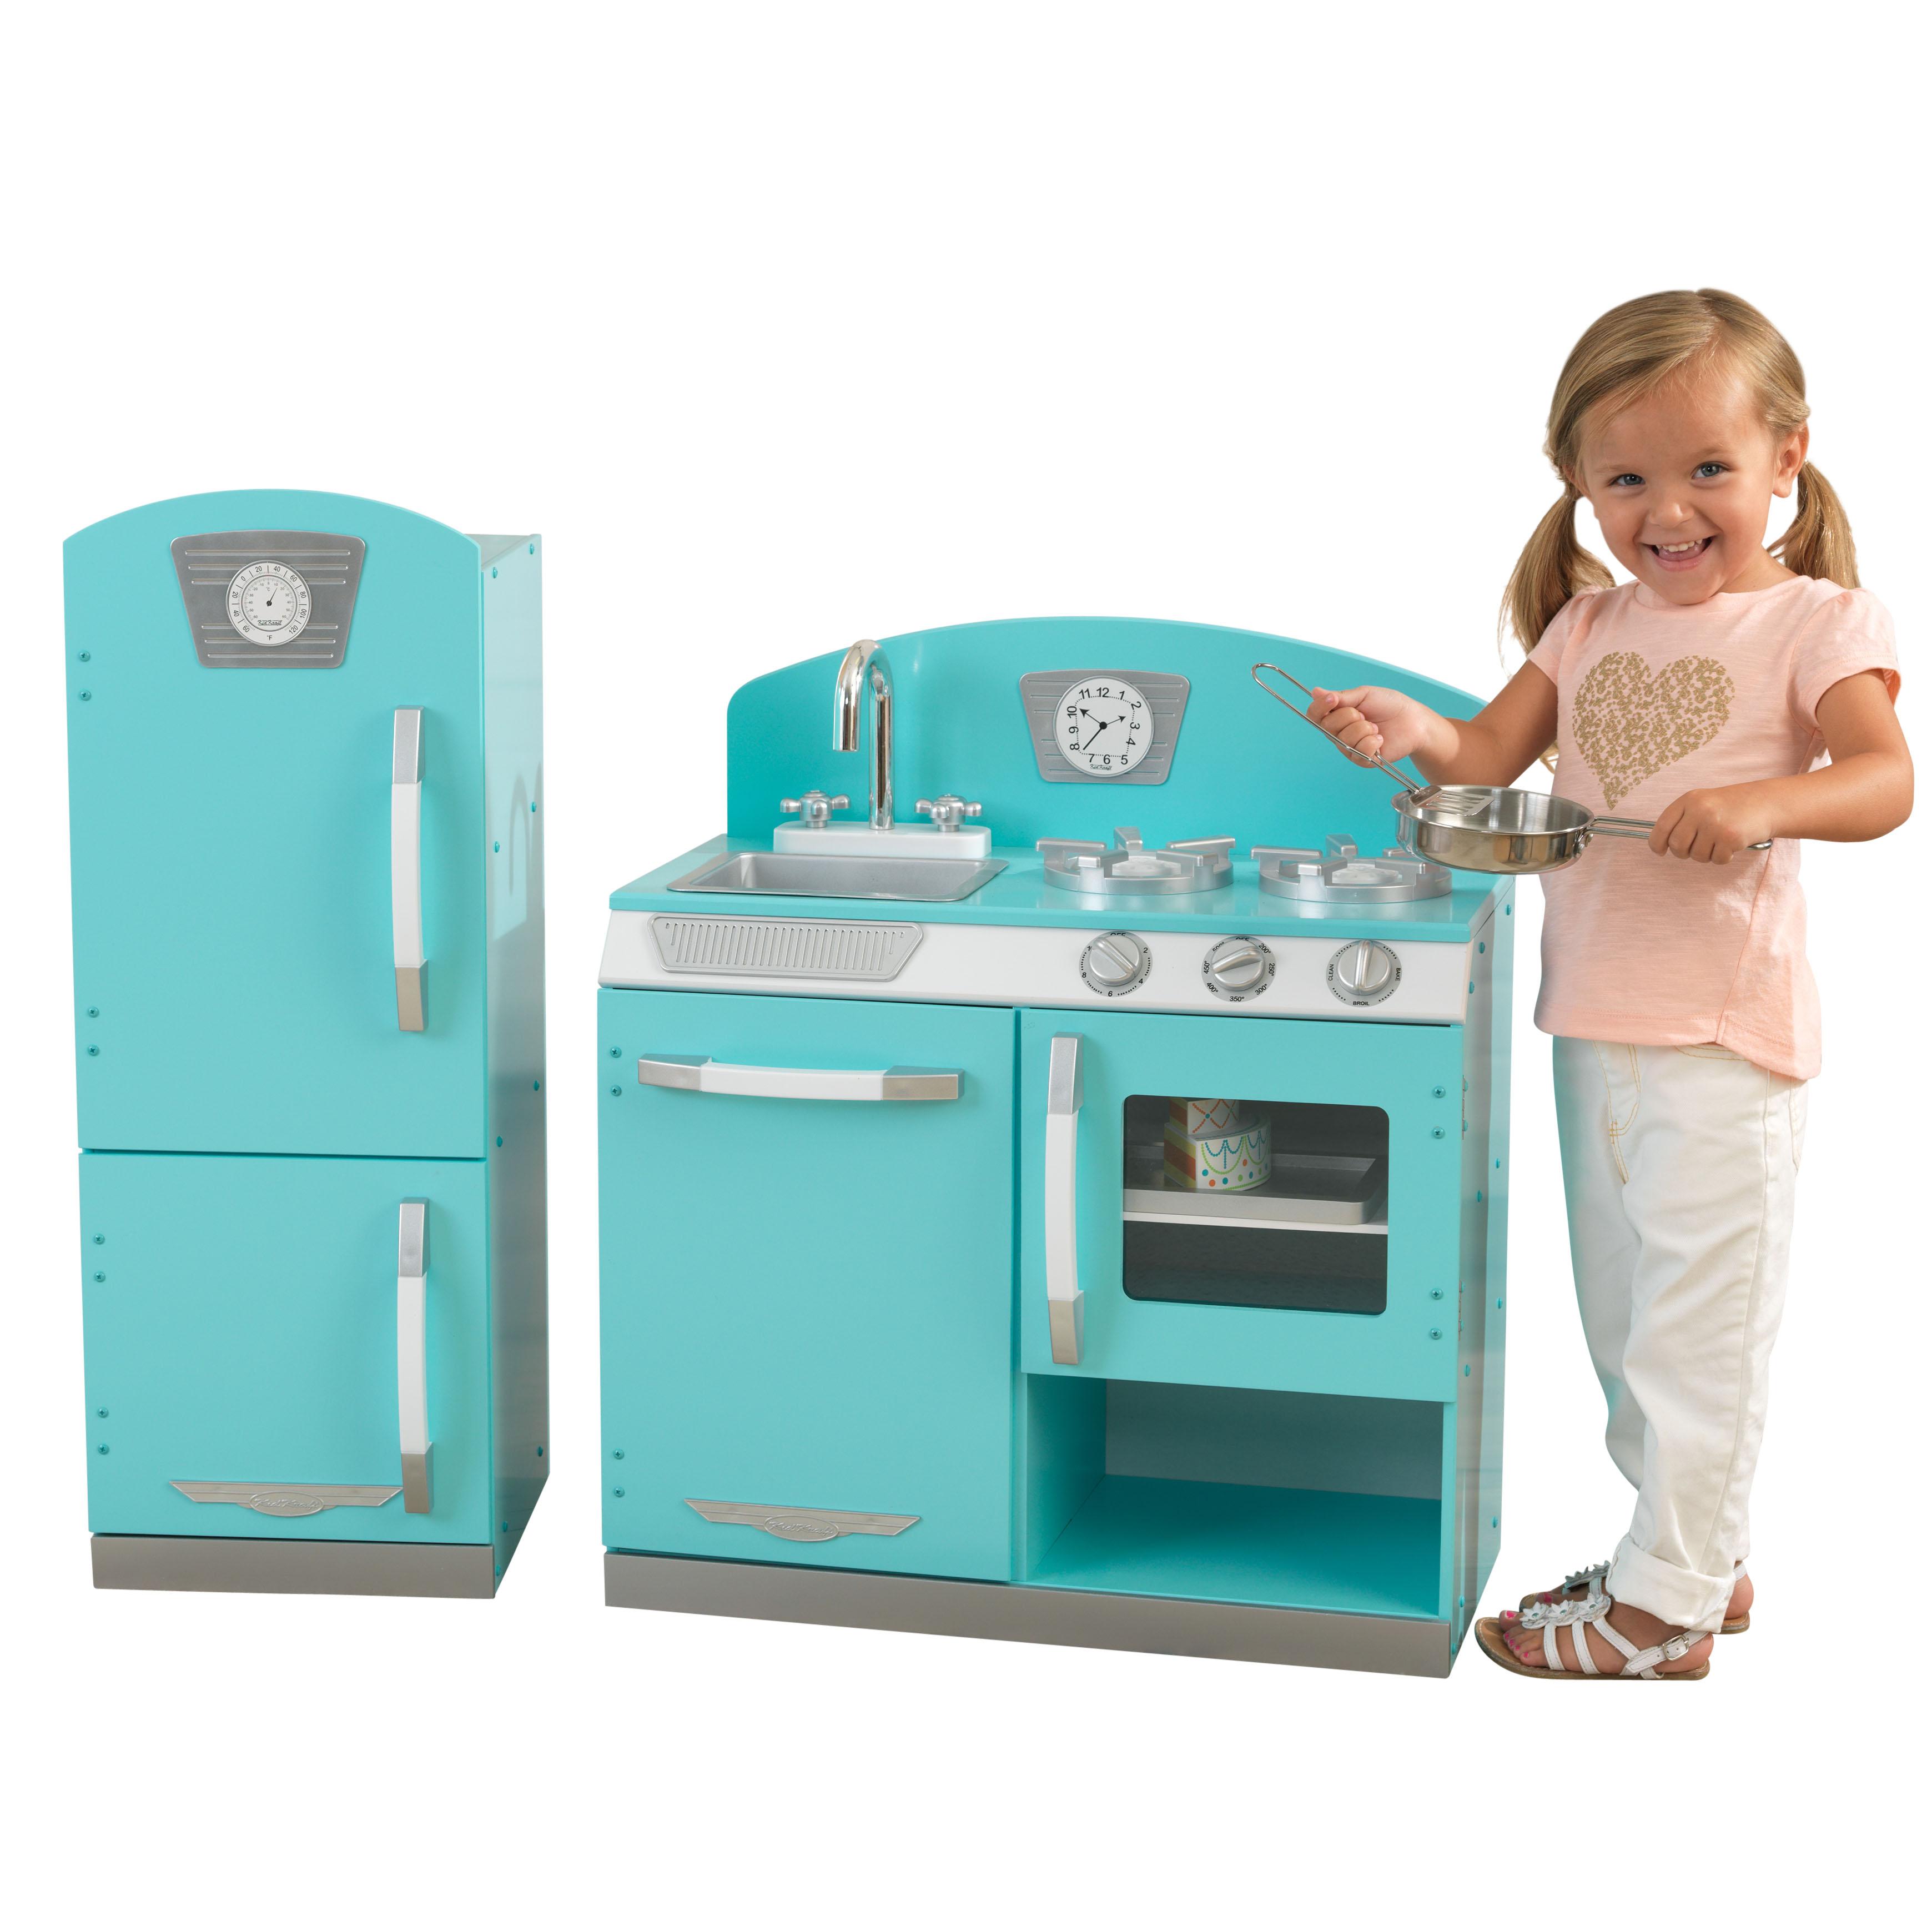 Kidkraft Kitchen Blue your choice kidkraft kitchen bundle - walmart